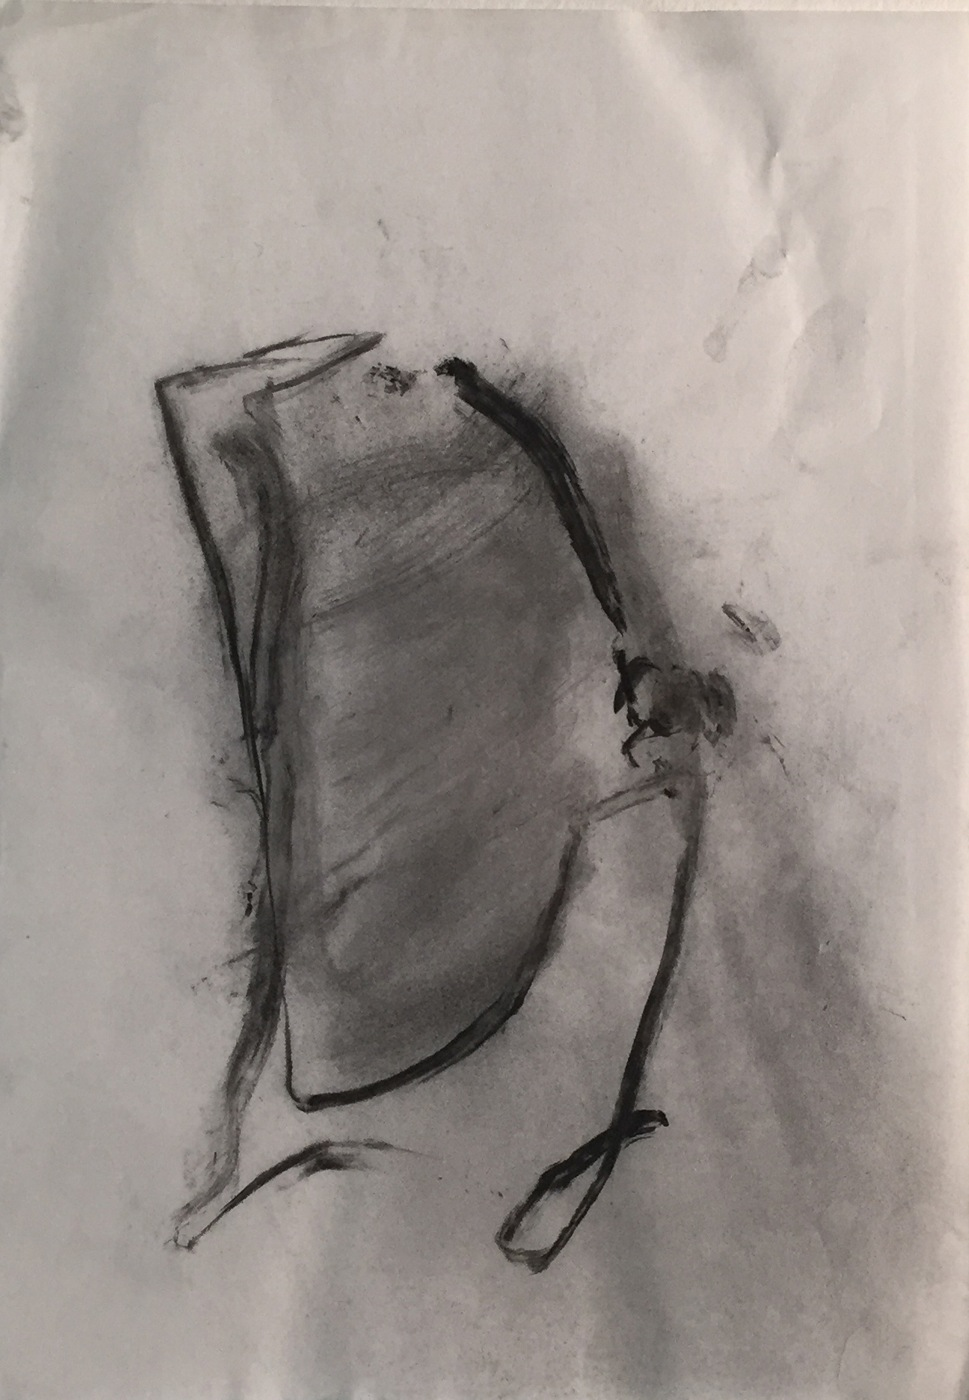 MARC FELD 2003 PRÉSAGE Fusain sur papier 21 x 29.7 cm